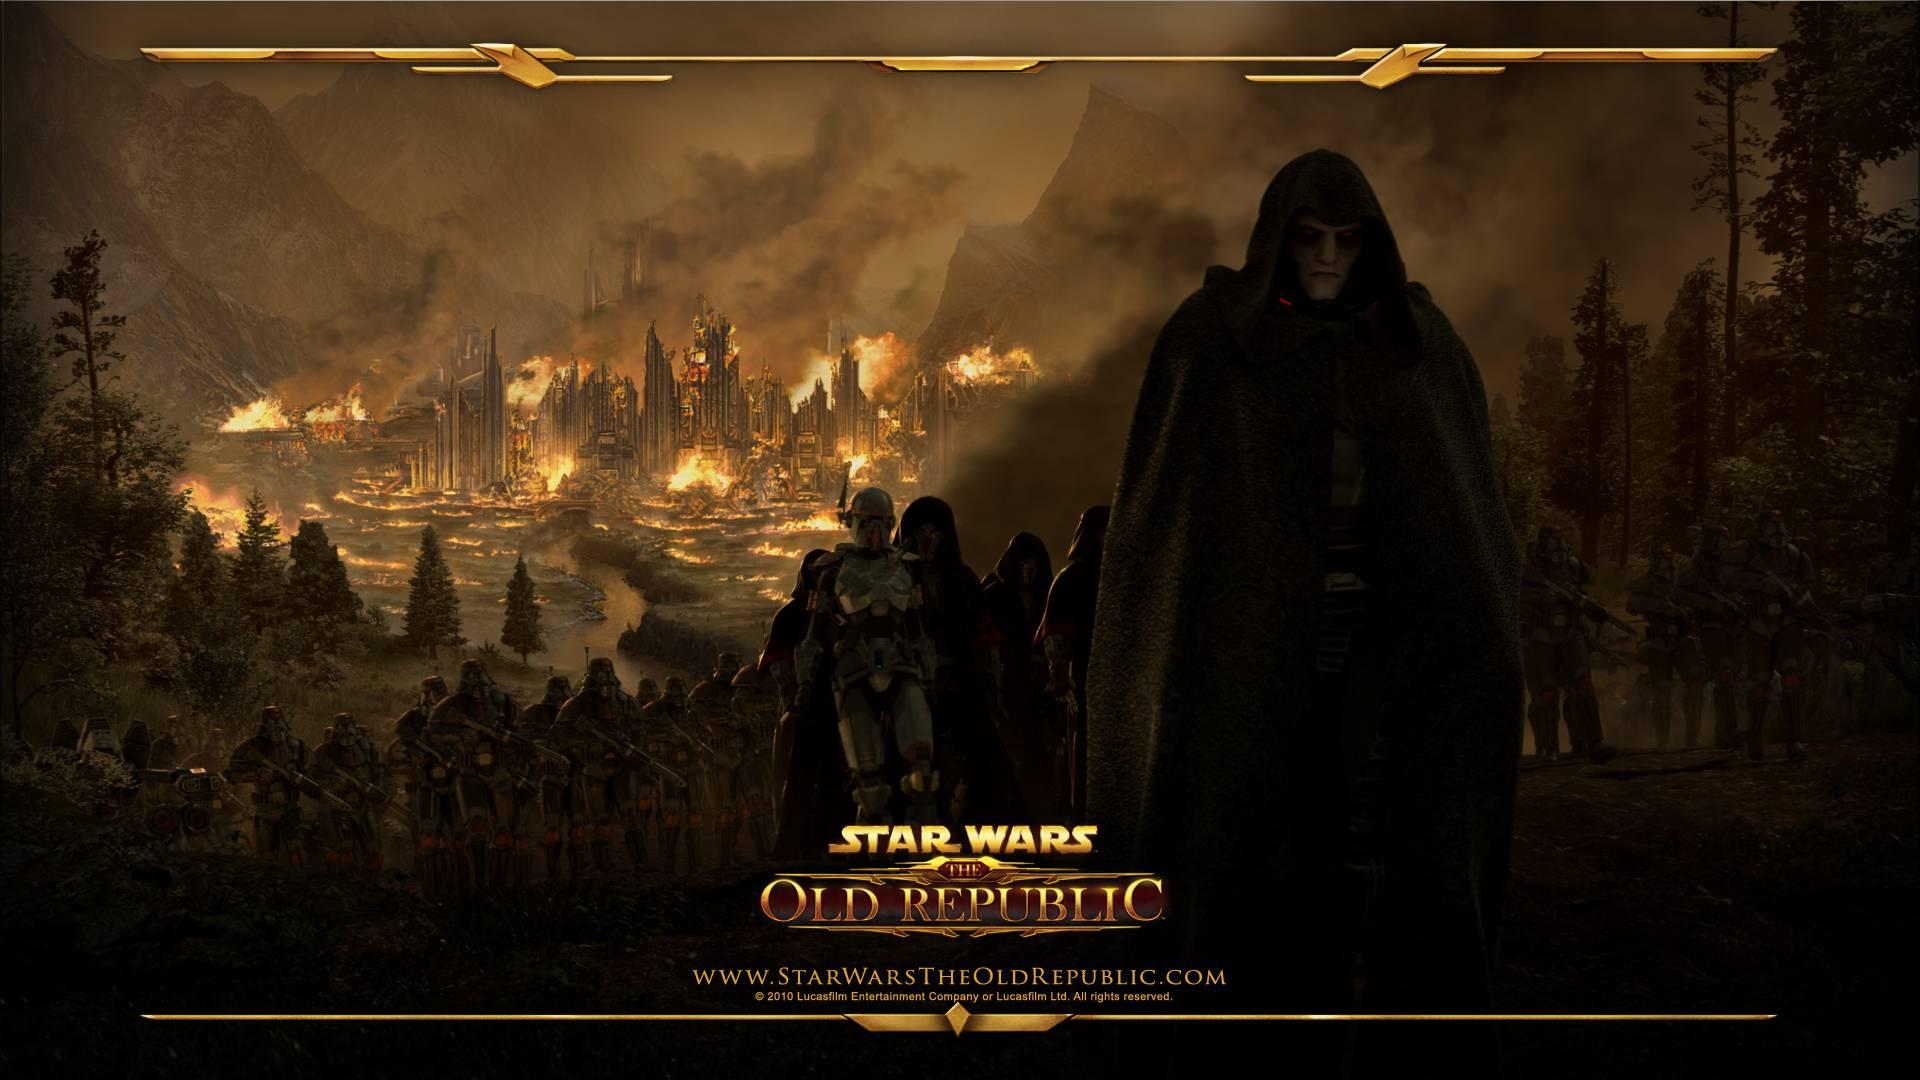 Star Wars The Old Republic wallpaper 5 1920x1080